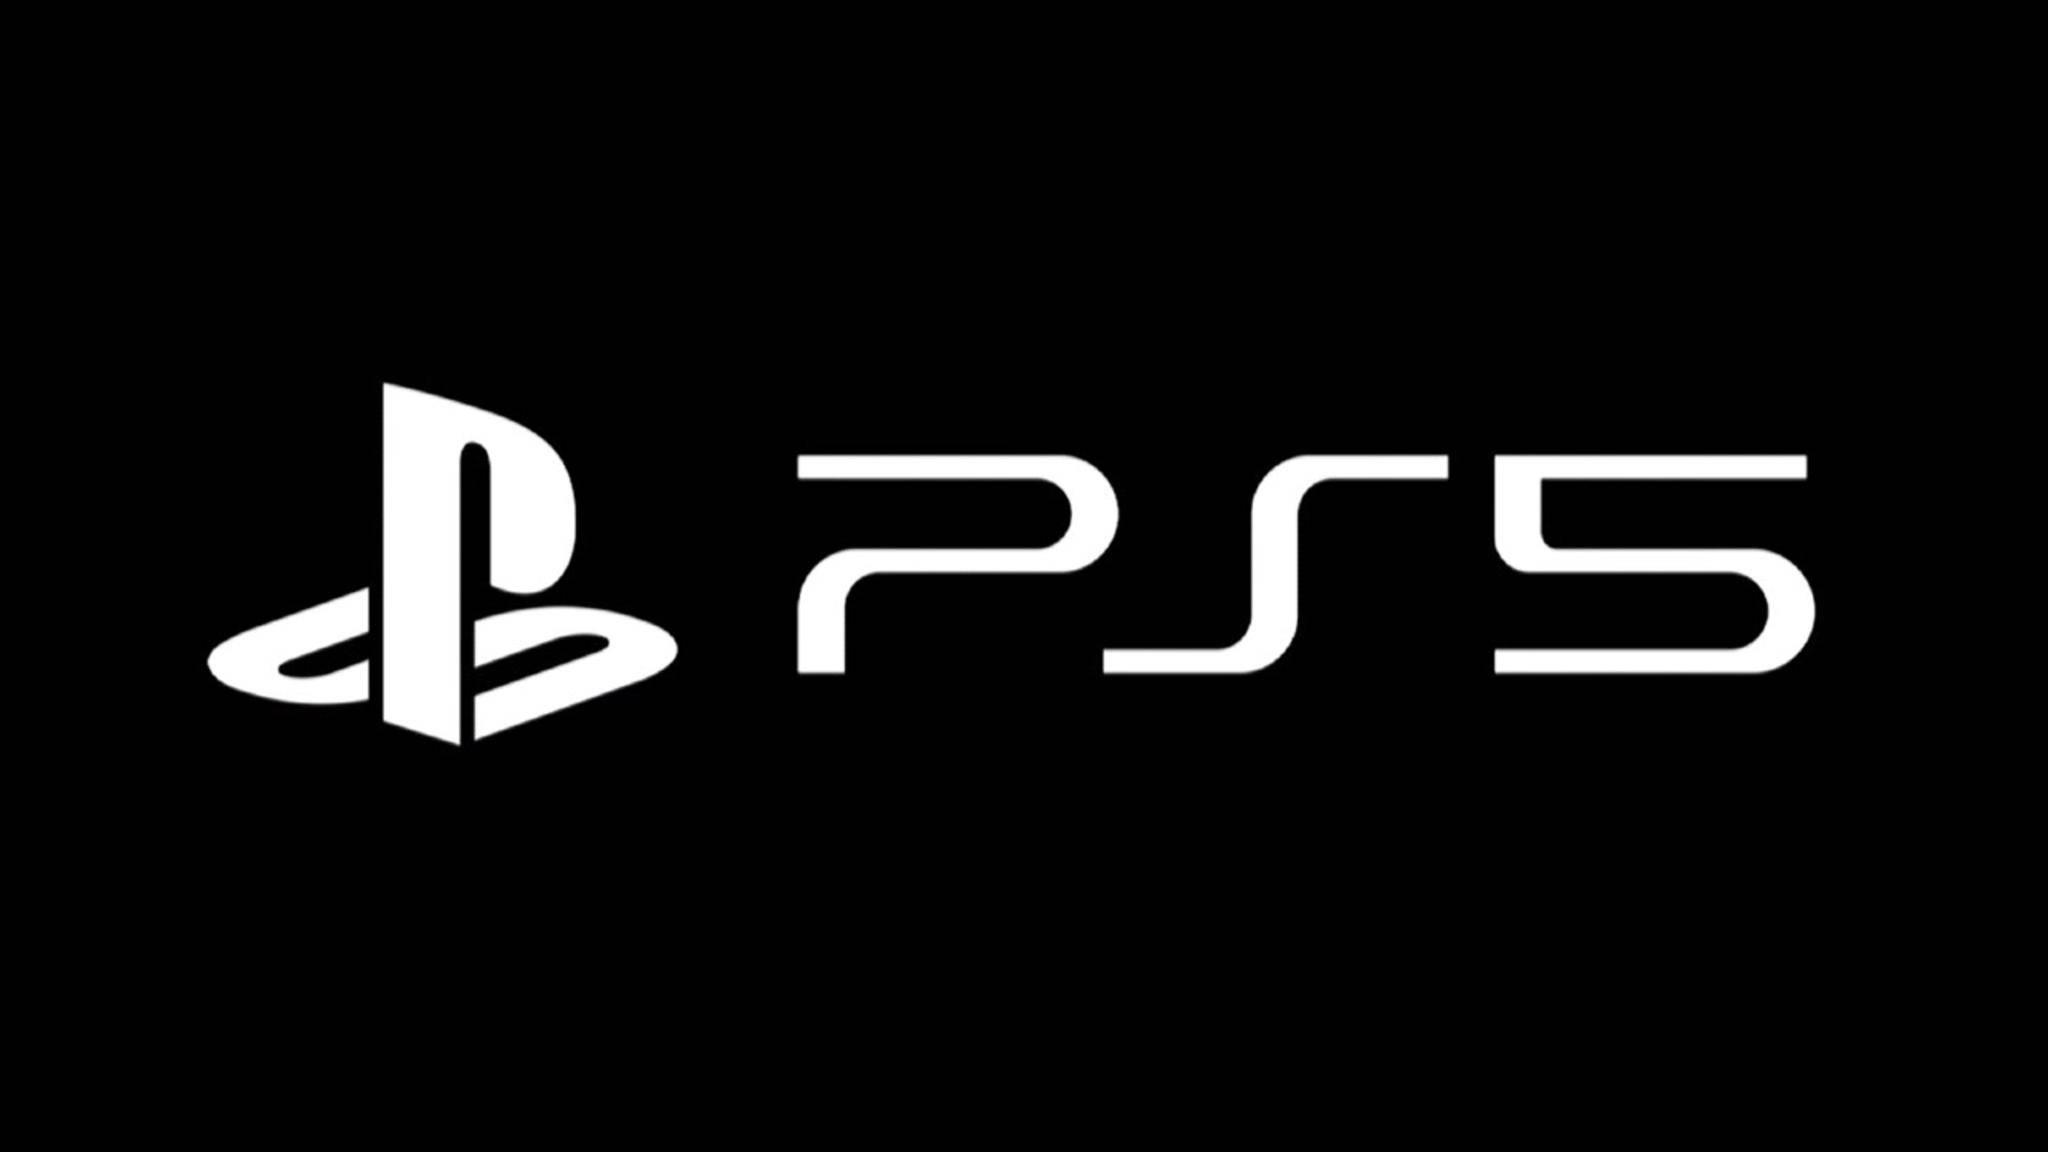 sony-ps5-logo-playstation